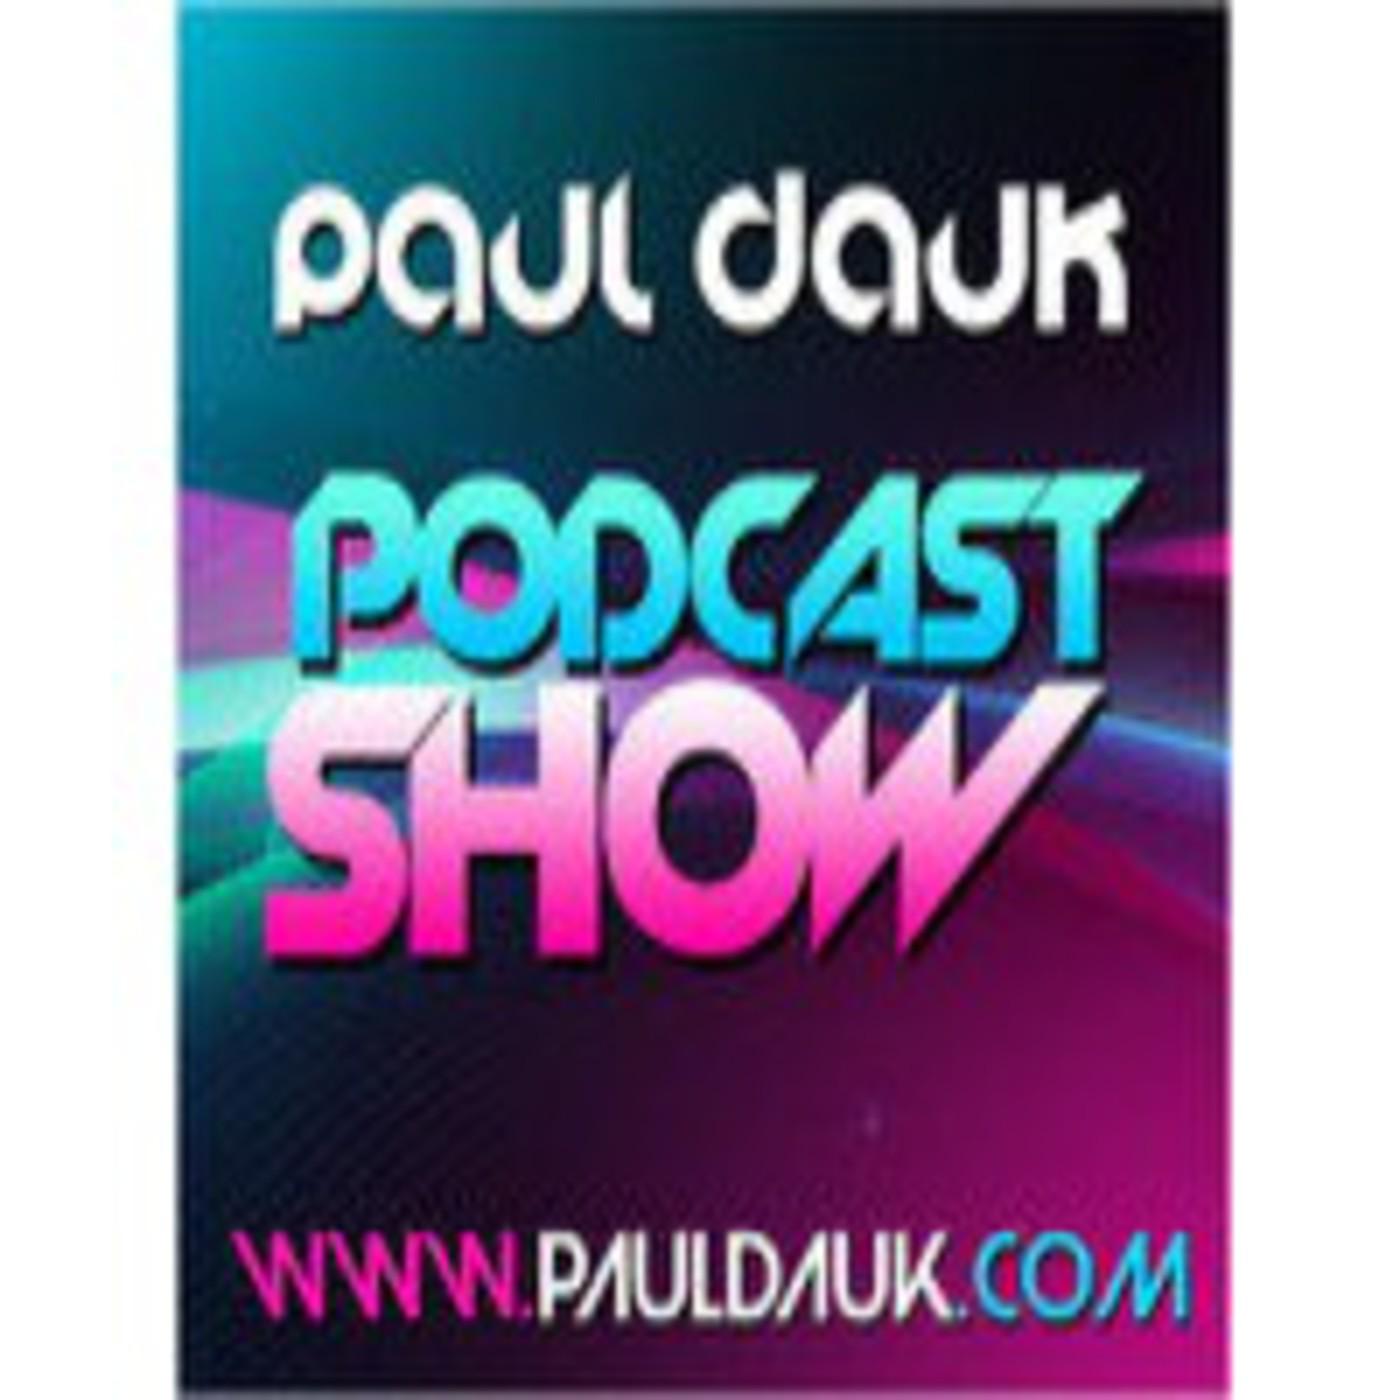 <![CDATA[Dj Paul Dauk Podcast Show]]>